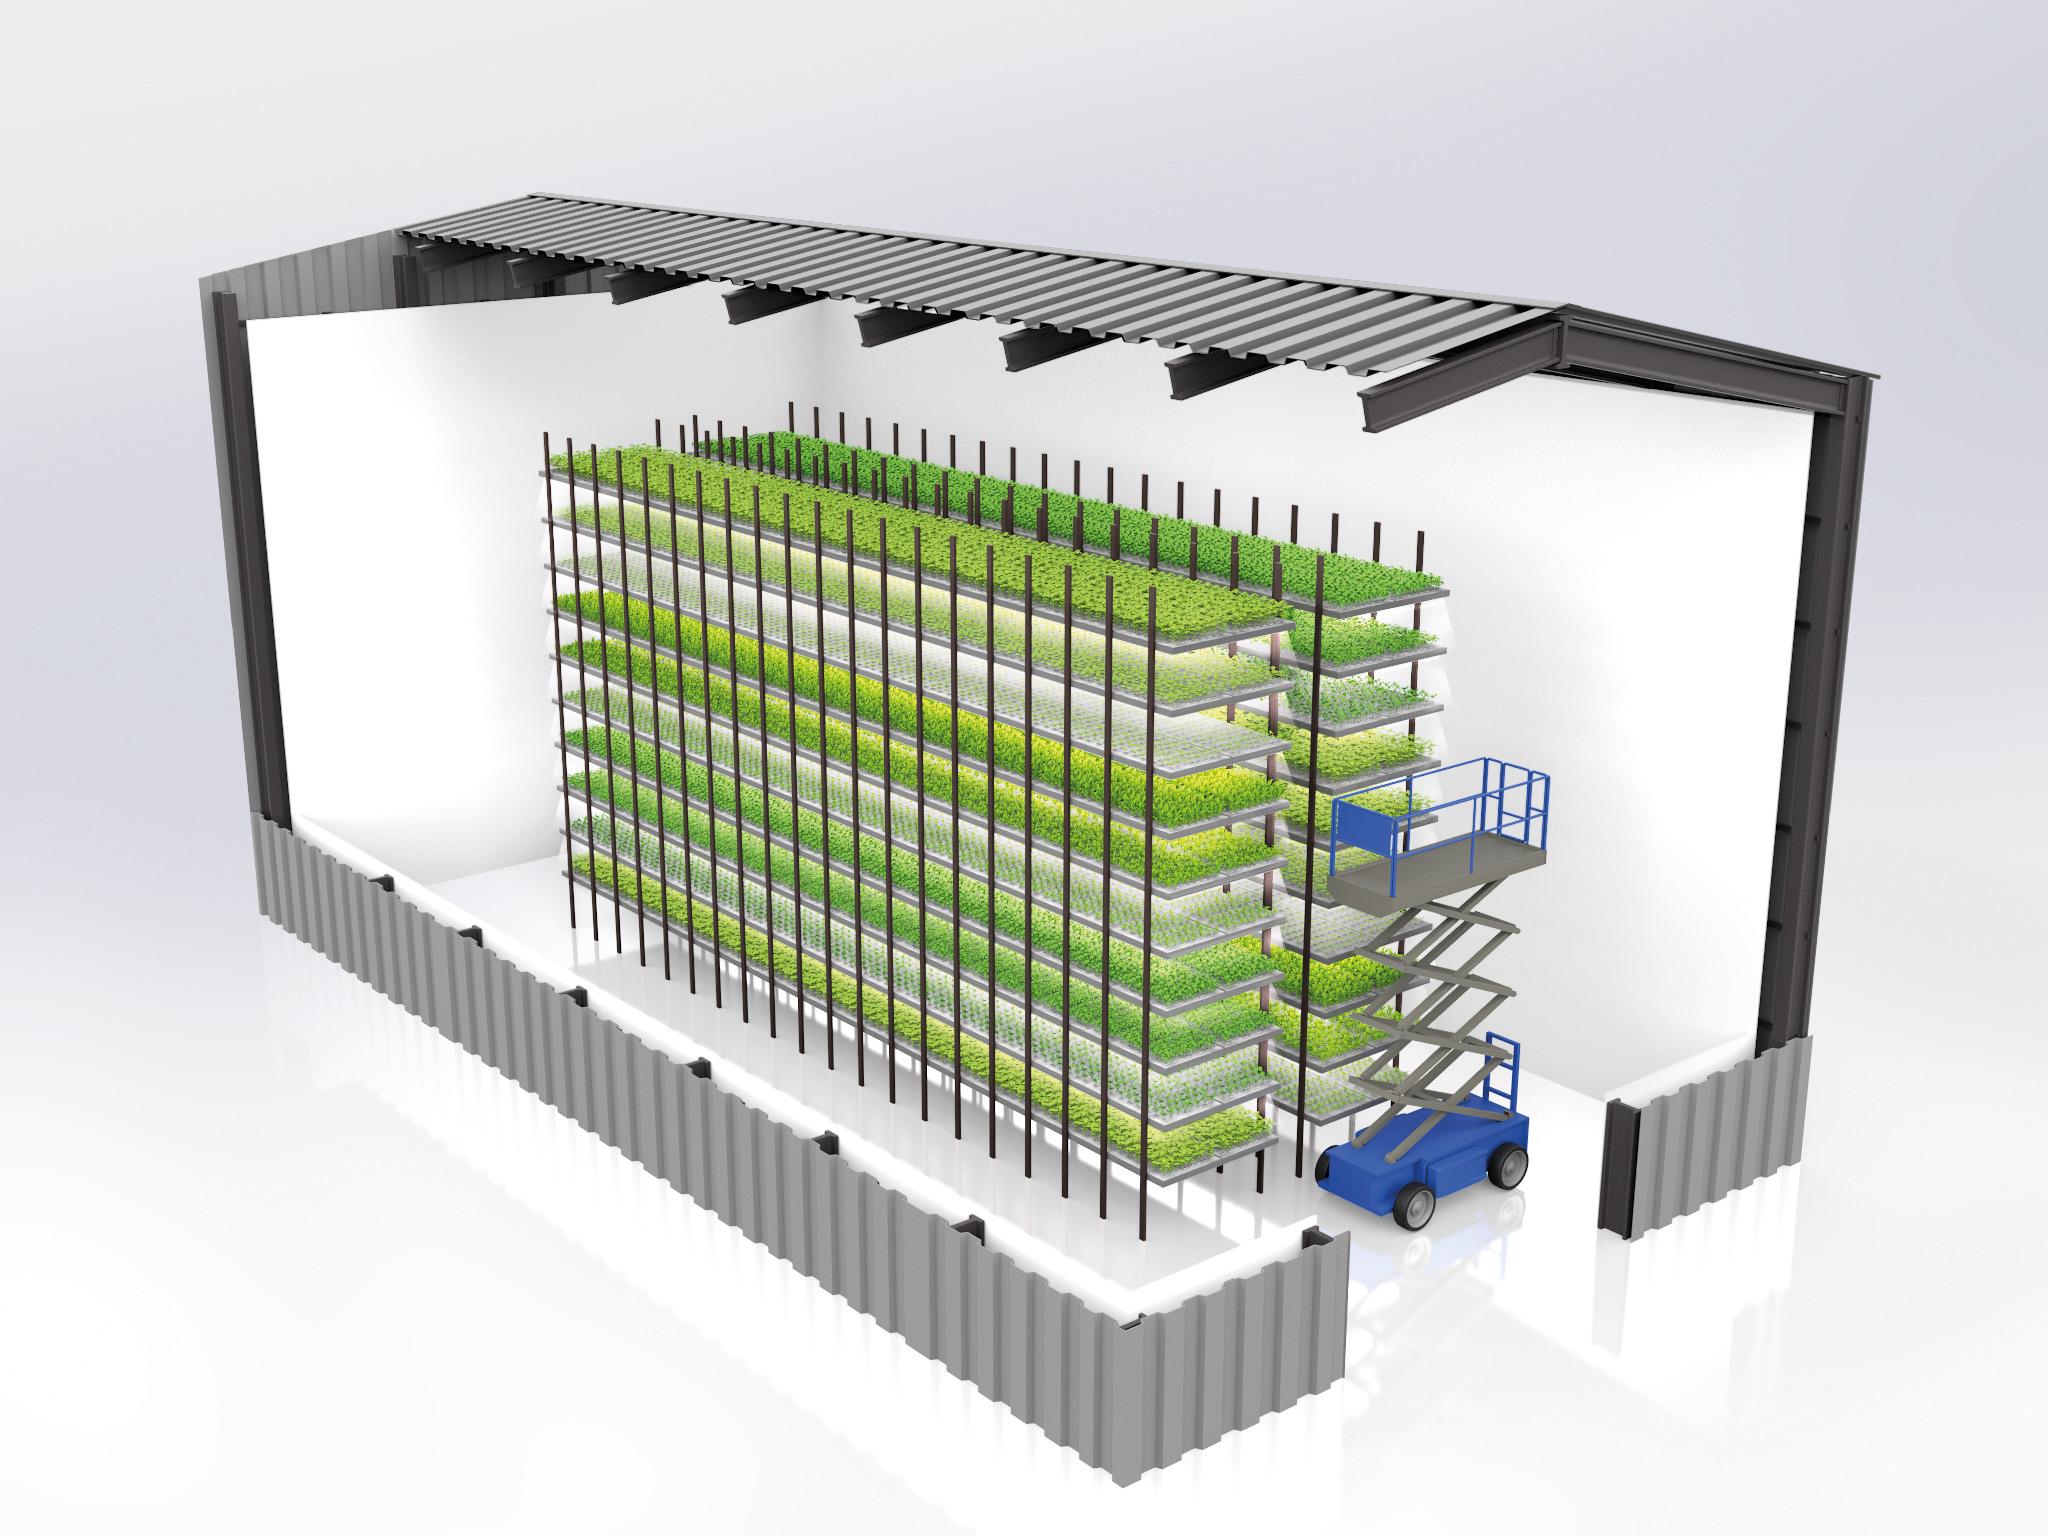 Le système HRVST a été pensé pour être 100 % modulable et adaptable à n'importe quel espace urbain. Les plantes grandissent dans des pots individuels en fibre de bois, 100 % biodégradables, remplis de terreau renouvelable (sans tourbe).